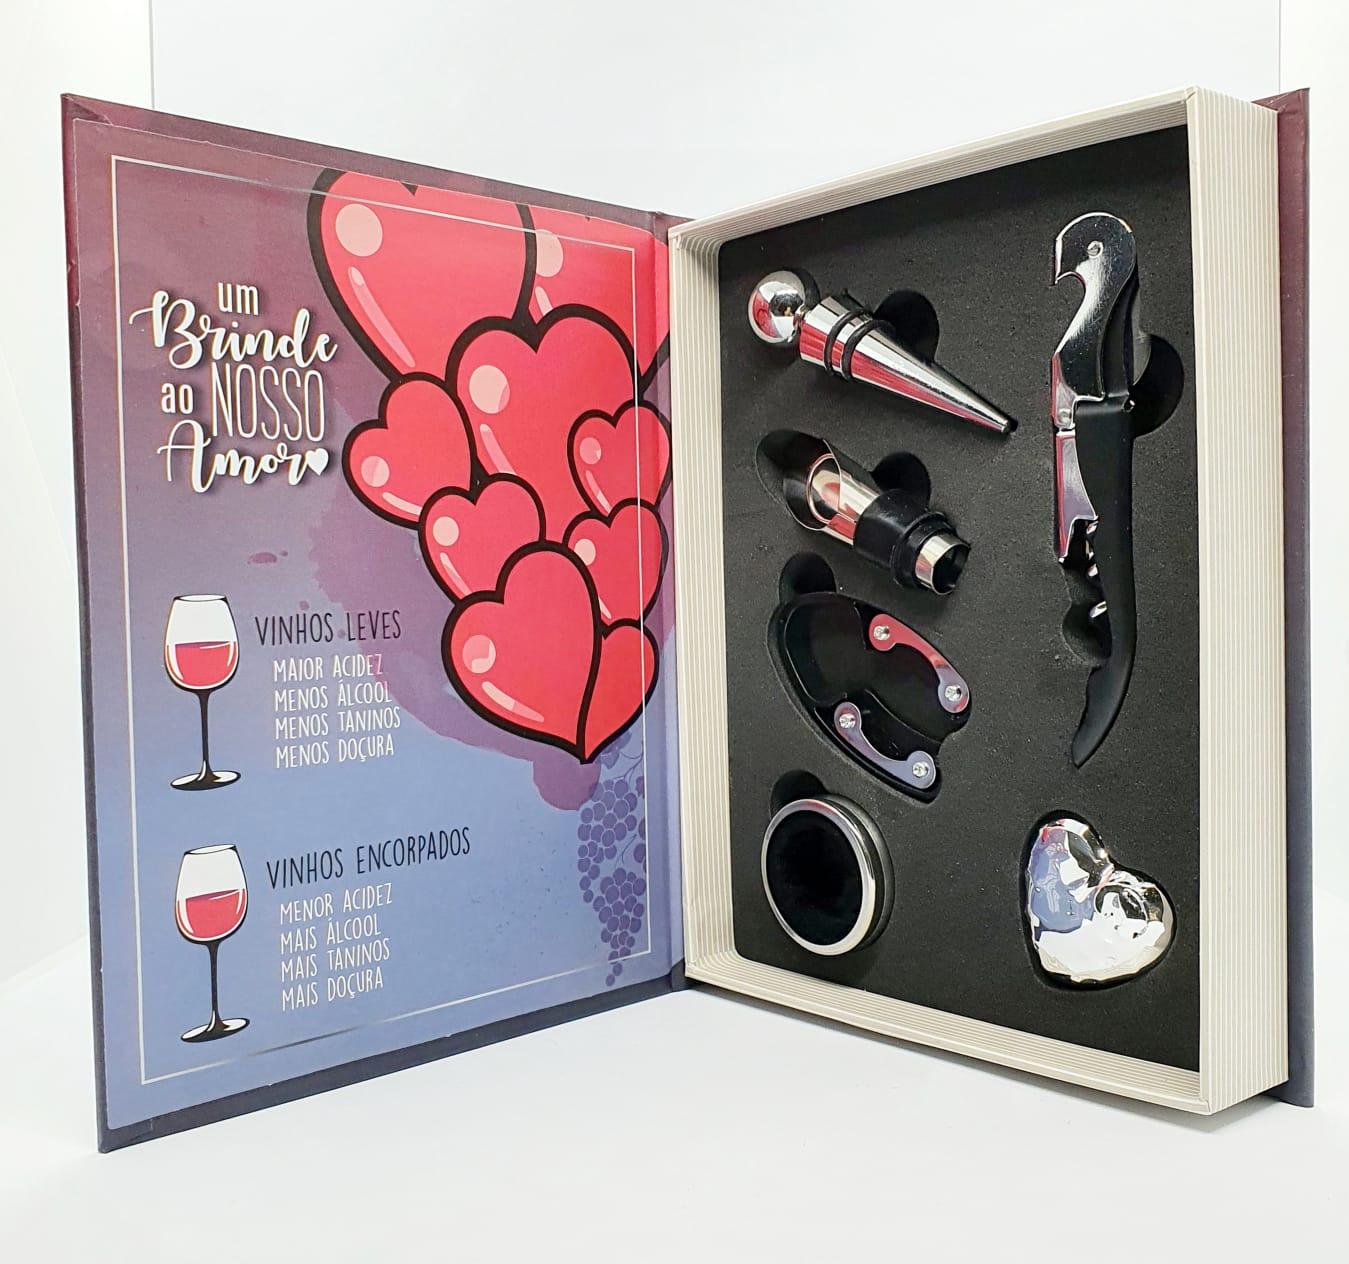 Kit Vinho - Um brinde ao nosso amor - 5 peças